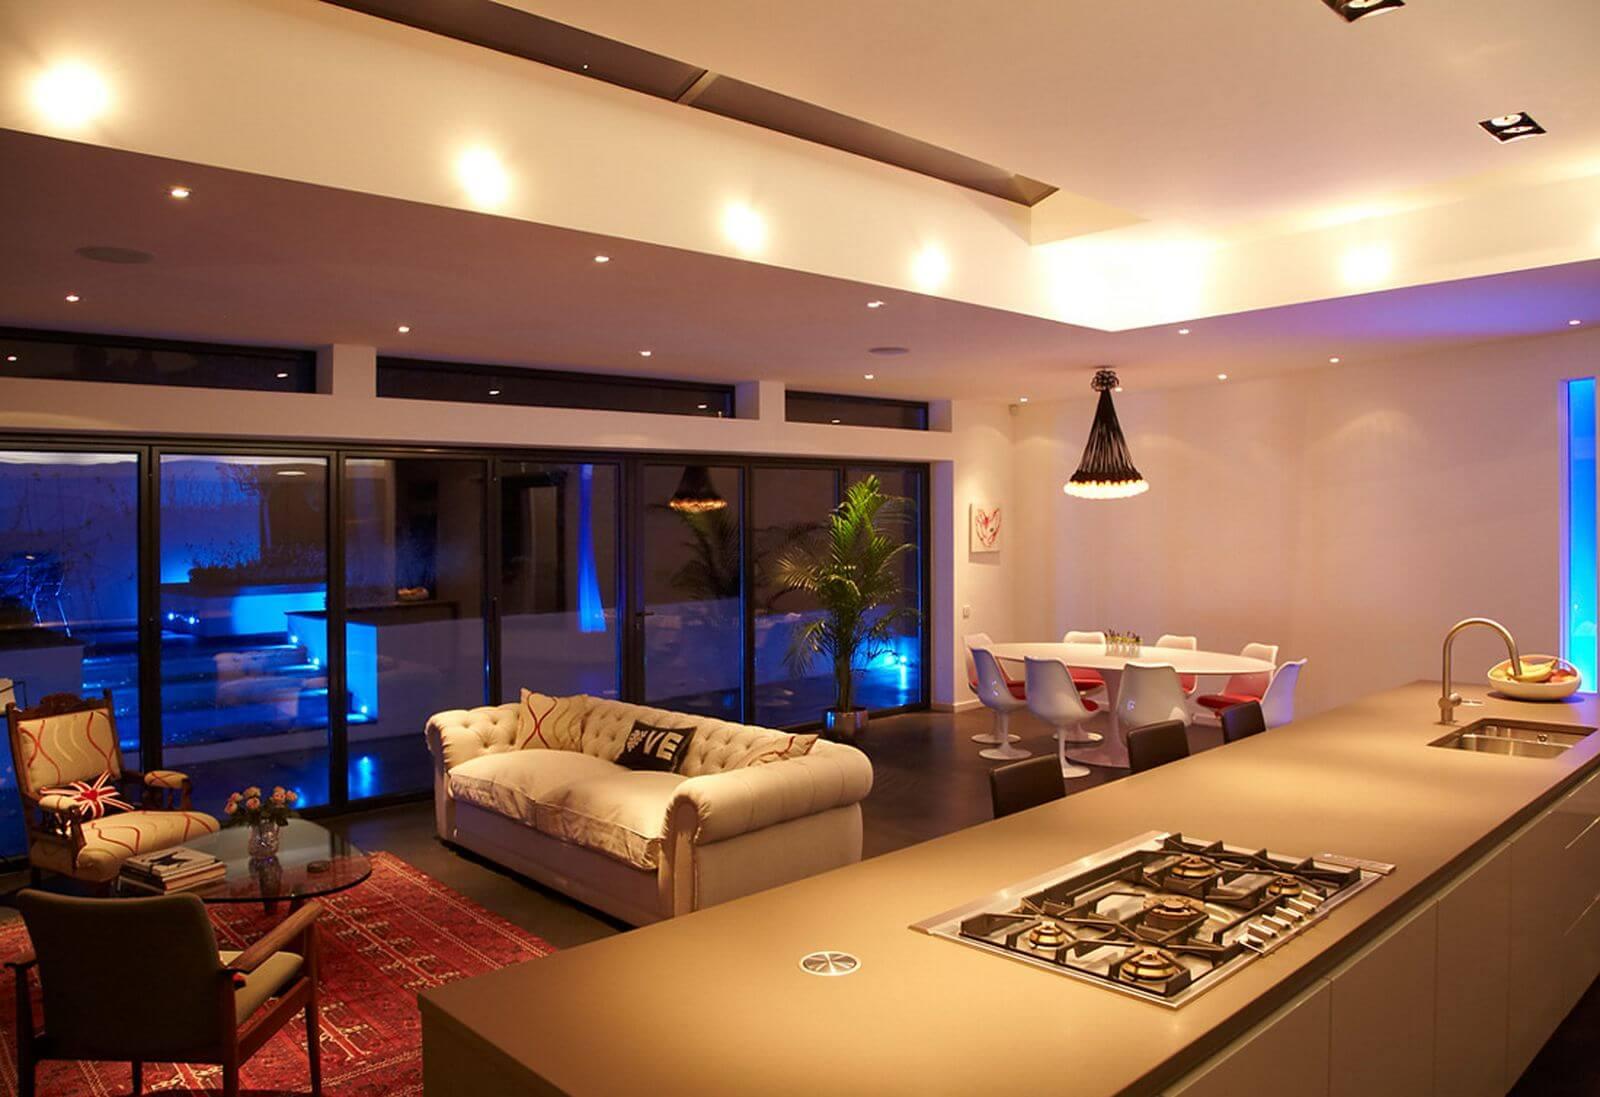 iluminação na arquitetura